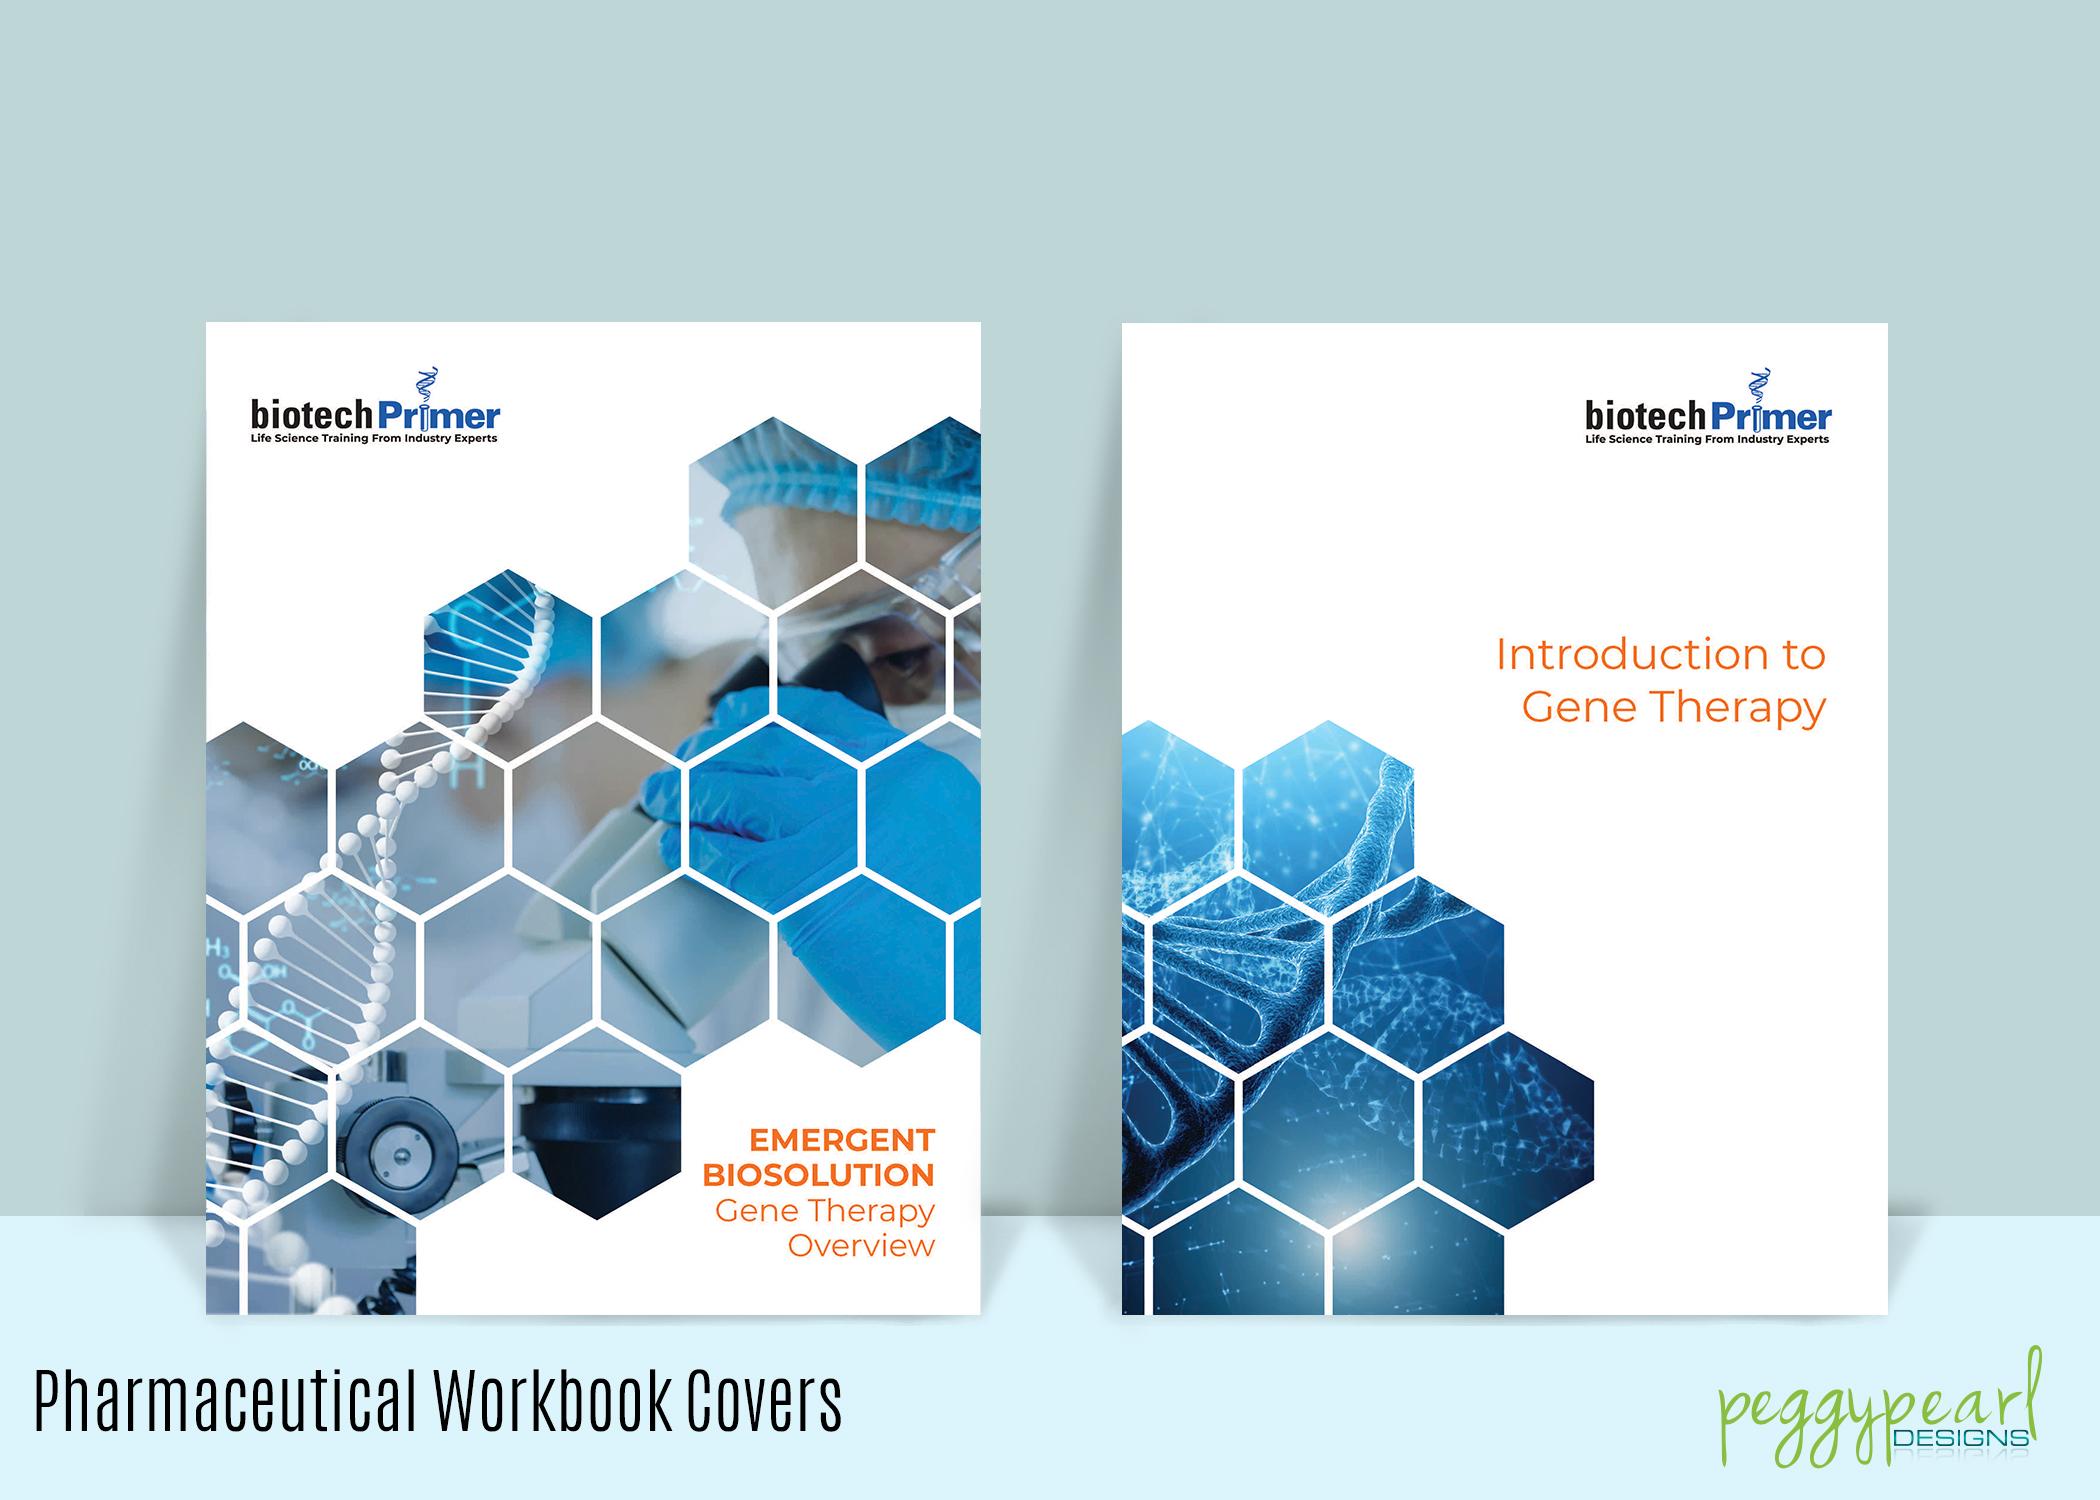 Pharma Workbook pic1